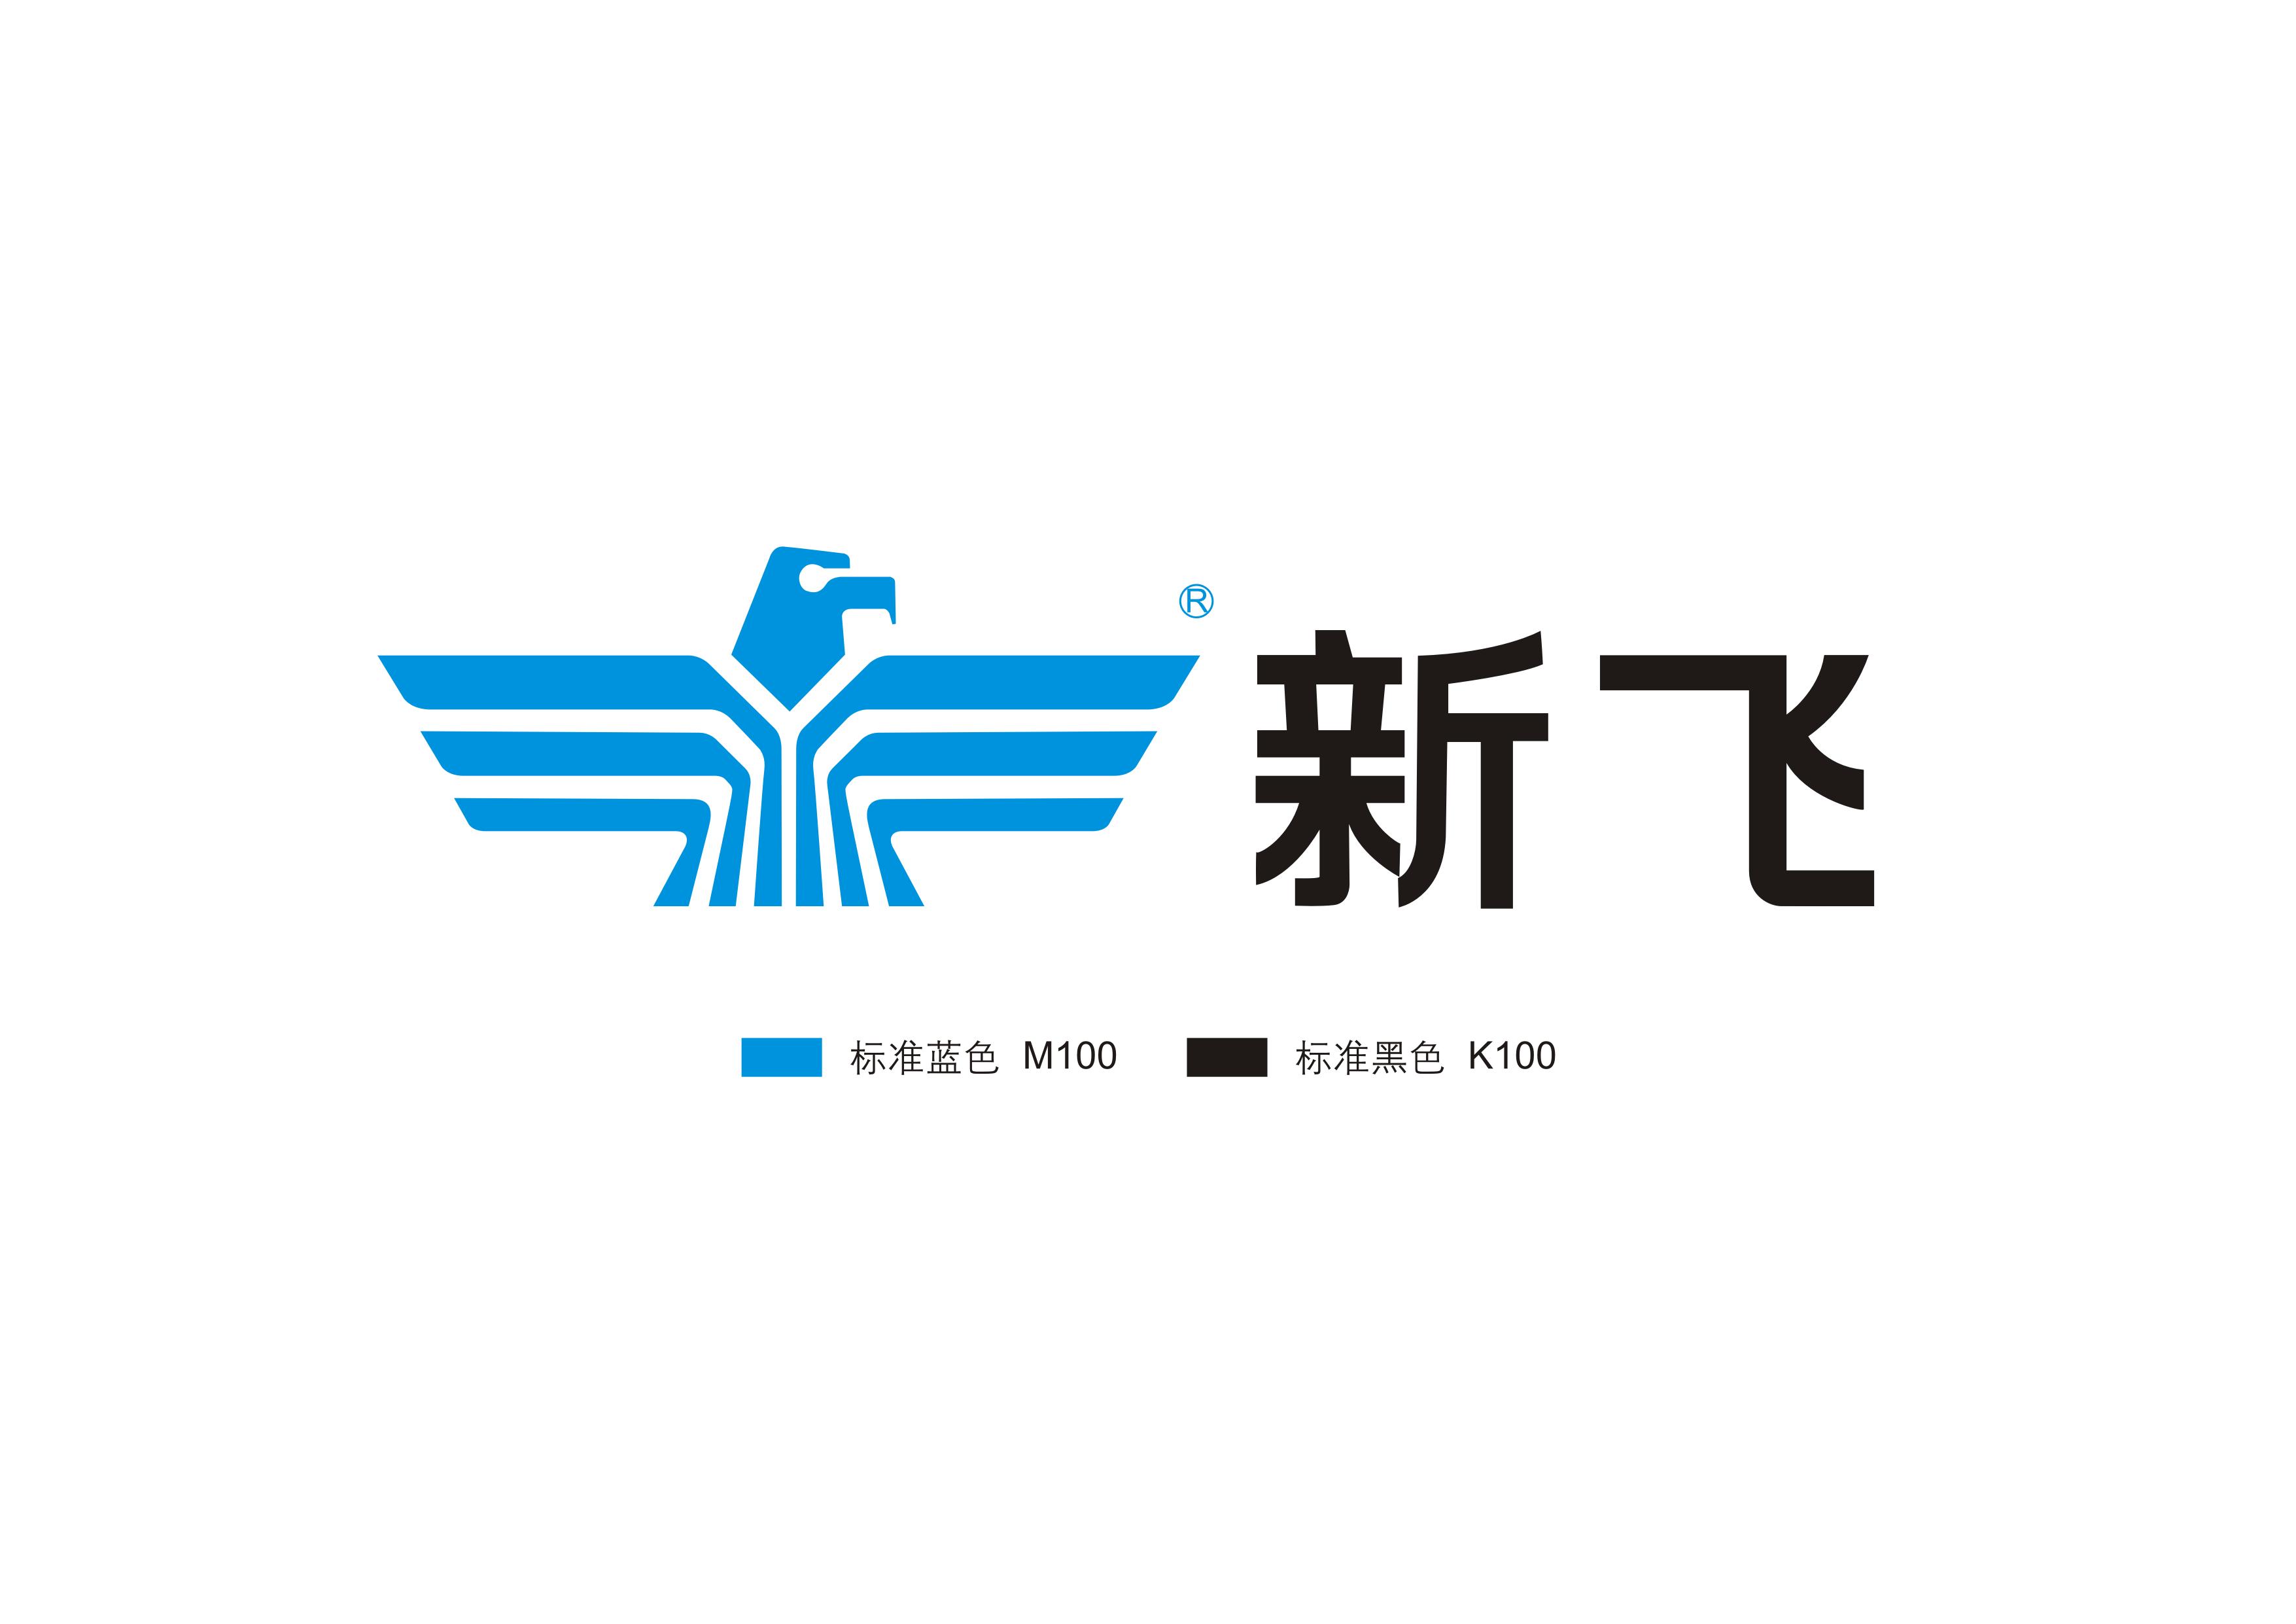 河南新飞净水机 招全国加盟代理商 经销商 中国十大电器品牌招商